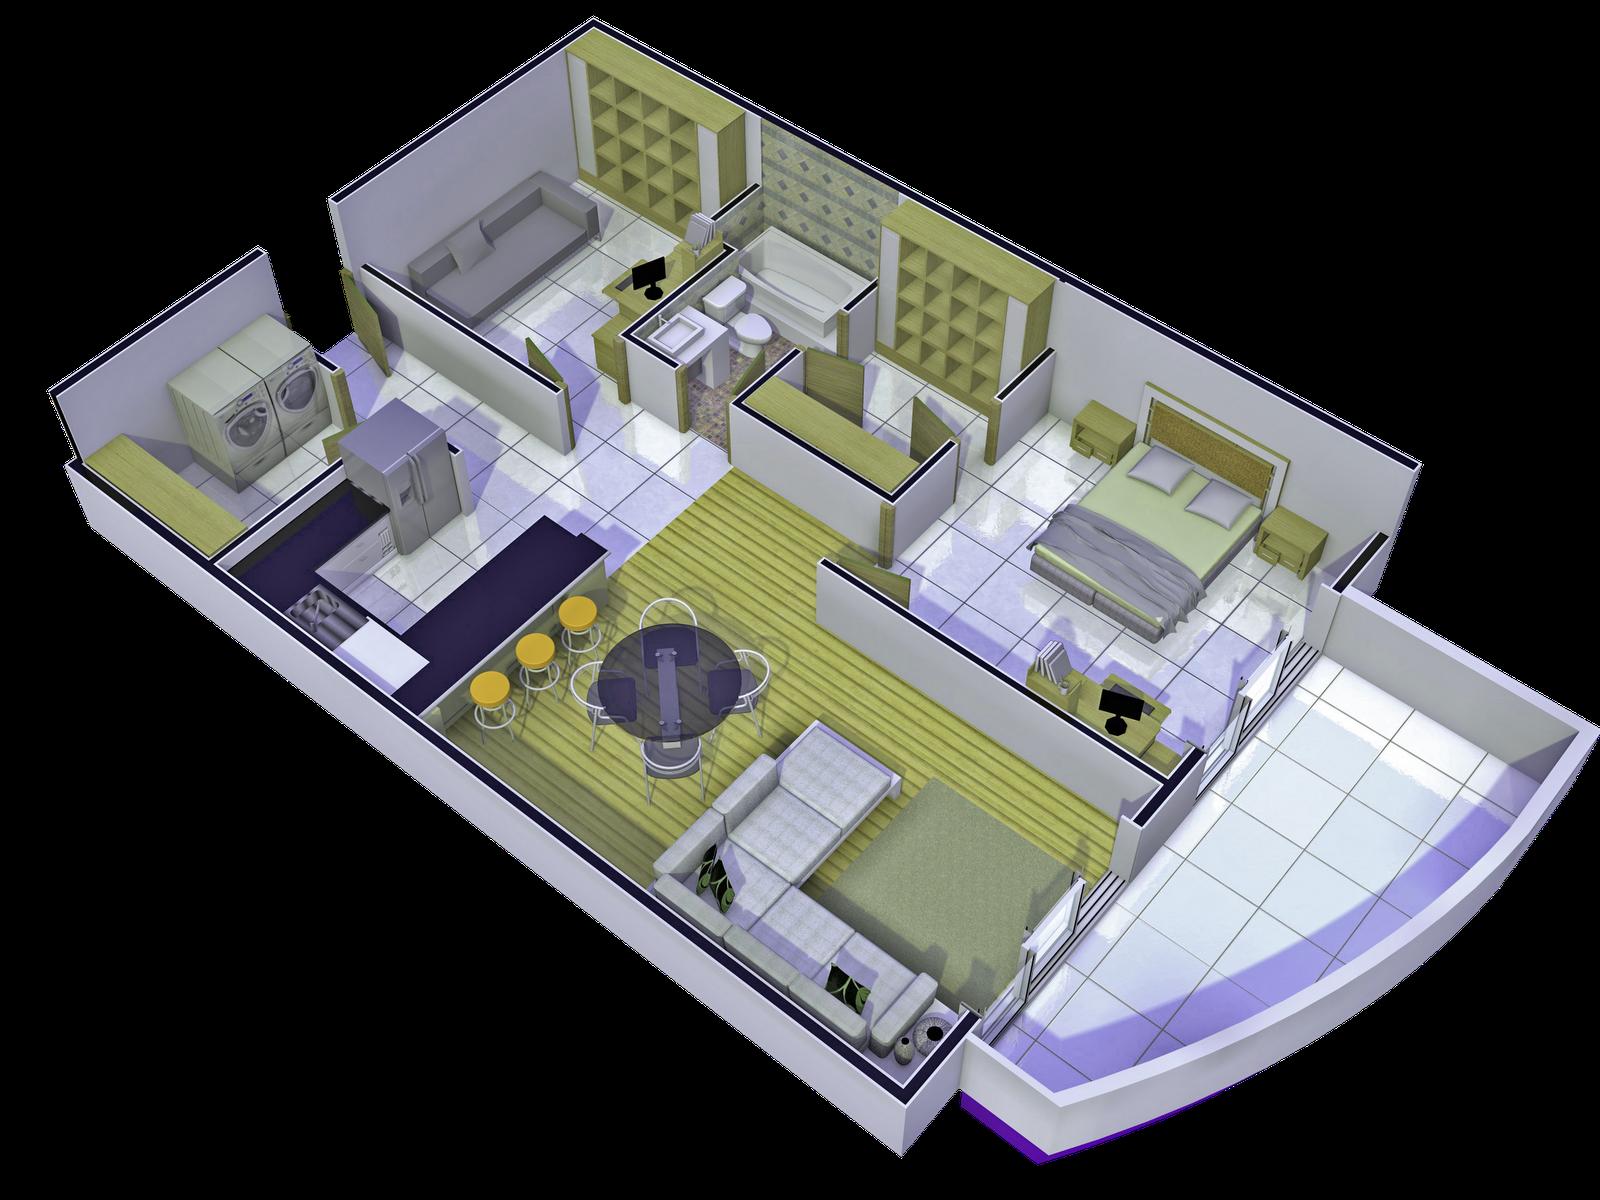 Modelos y rende 39 s torre fontana 1 b ideas for Apartamento modelo